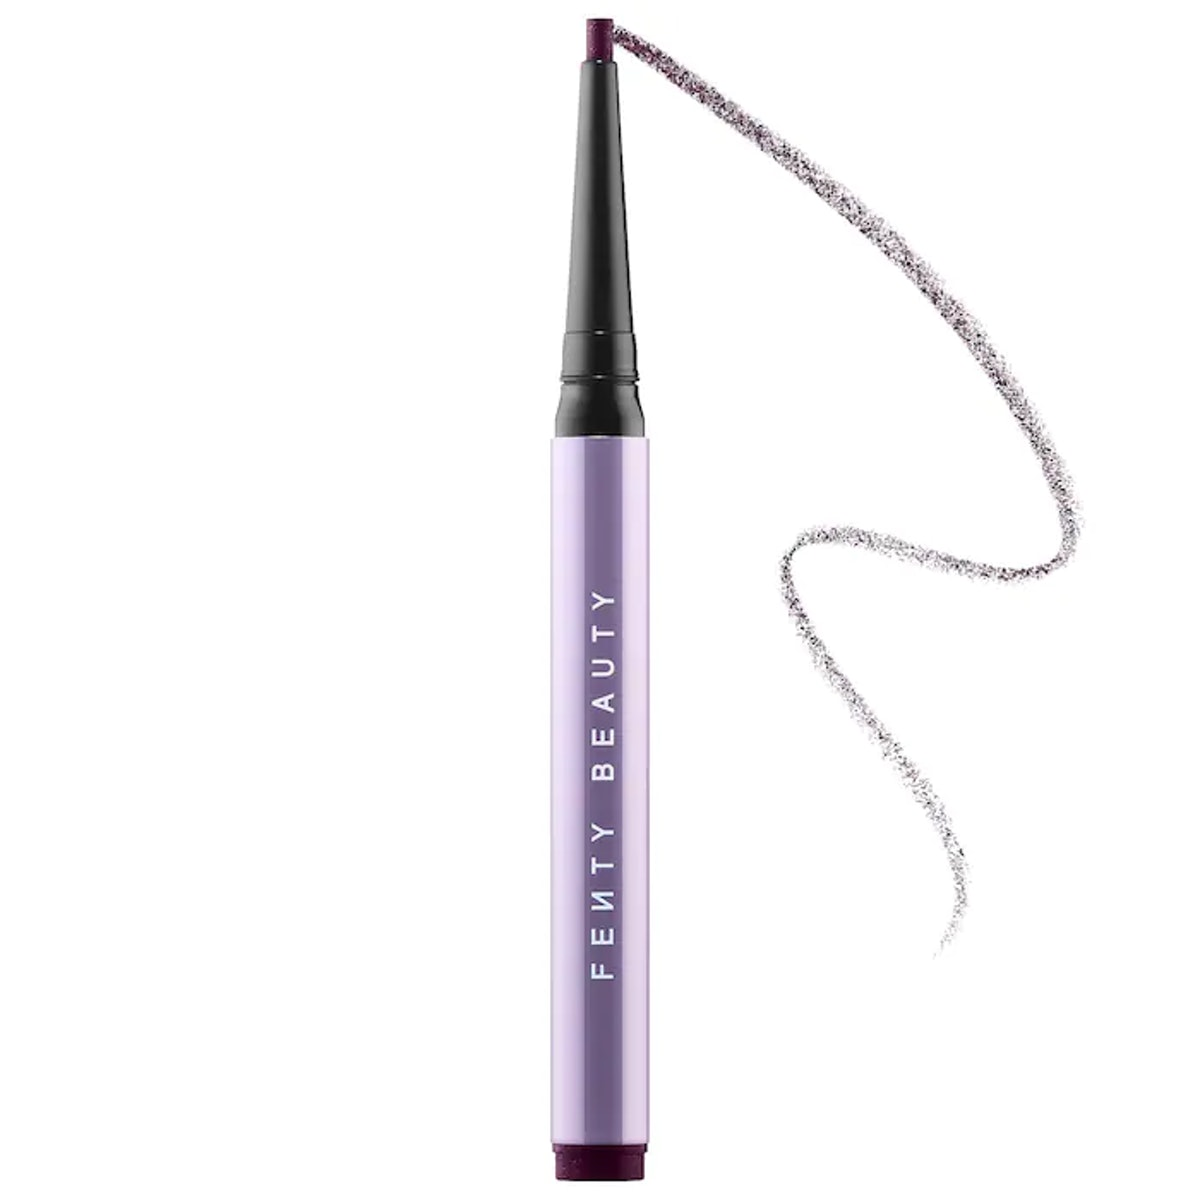 Flypencil Longwear Pencil Eyeliner in Purple Stuff